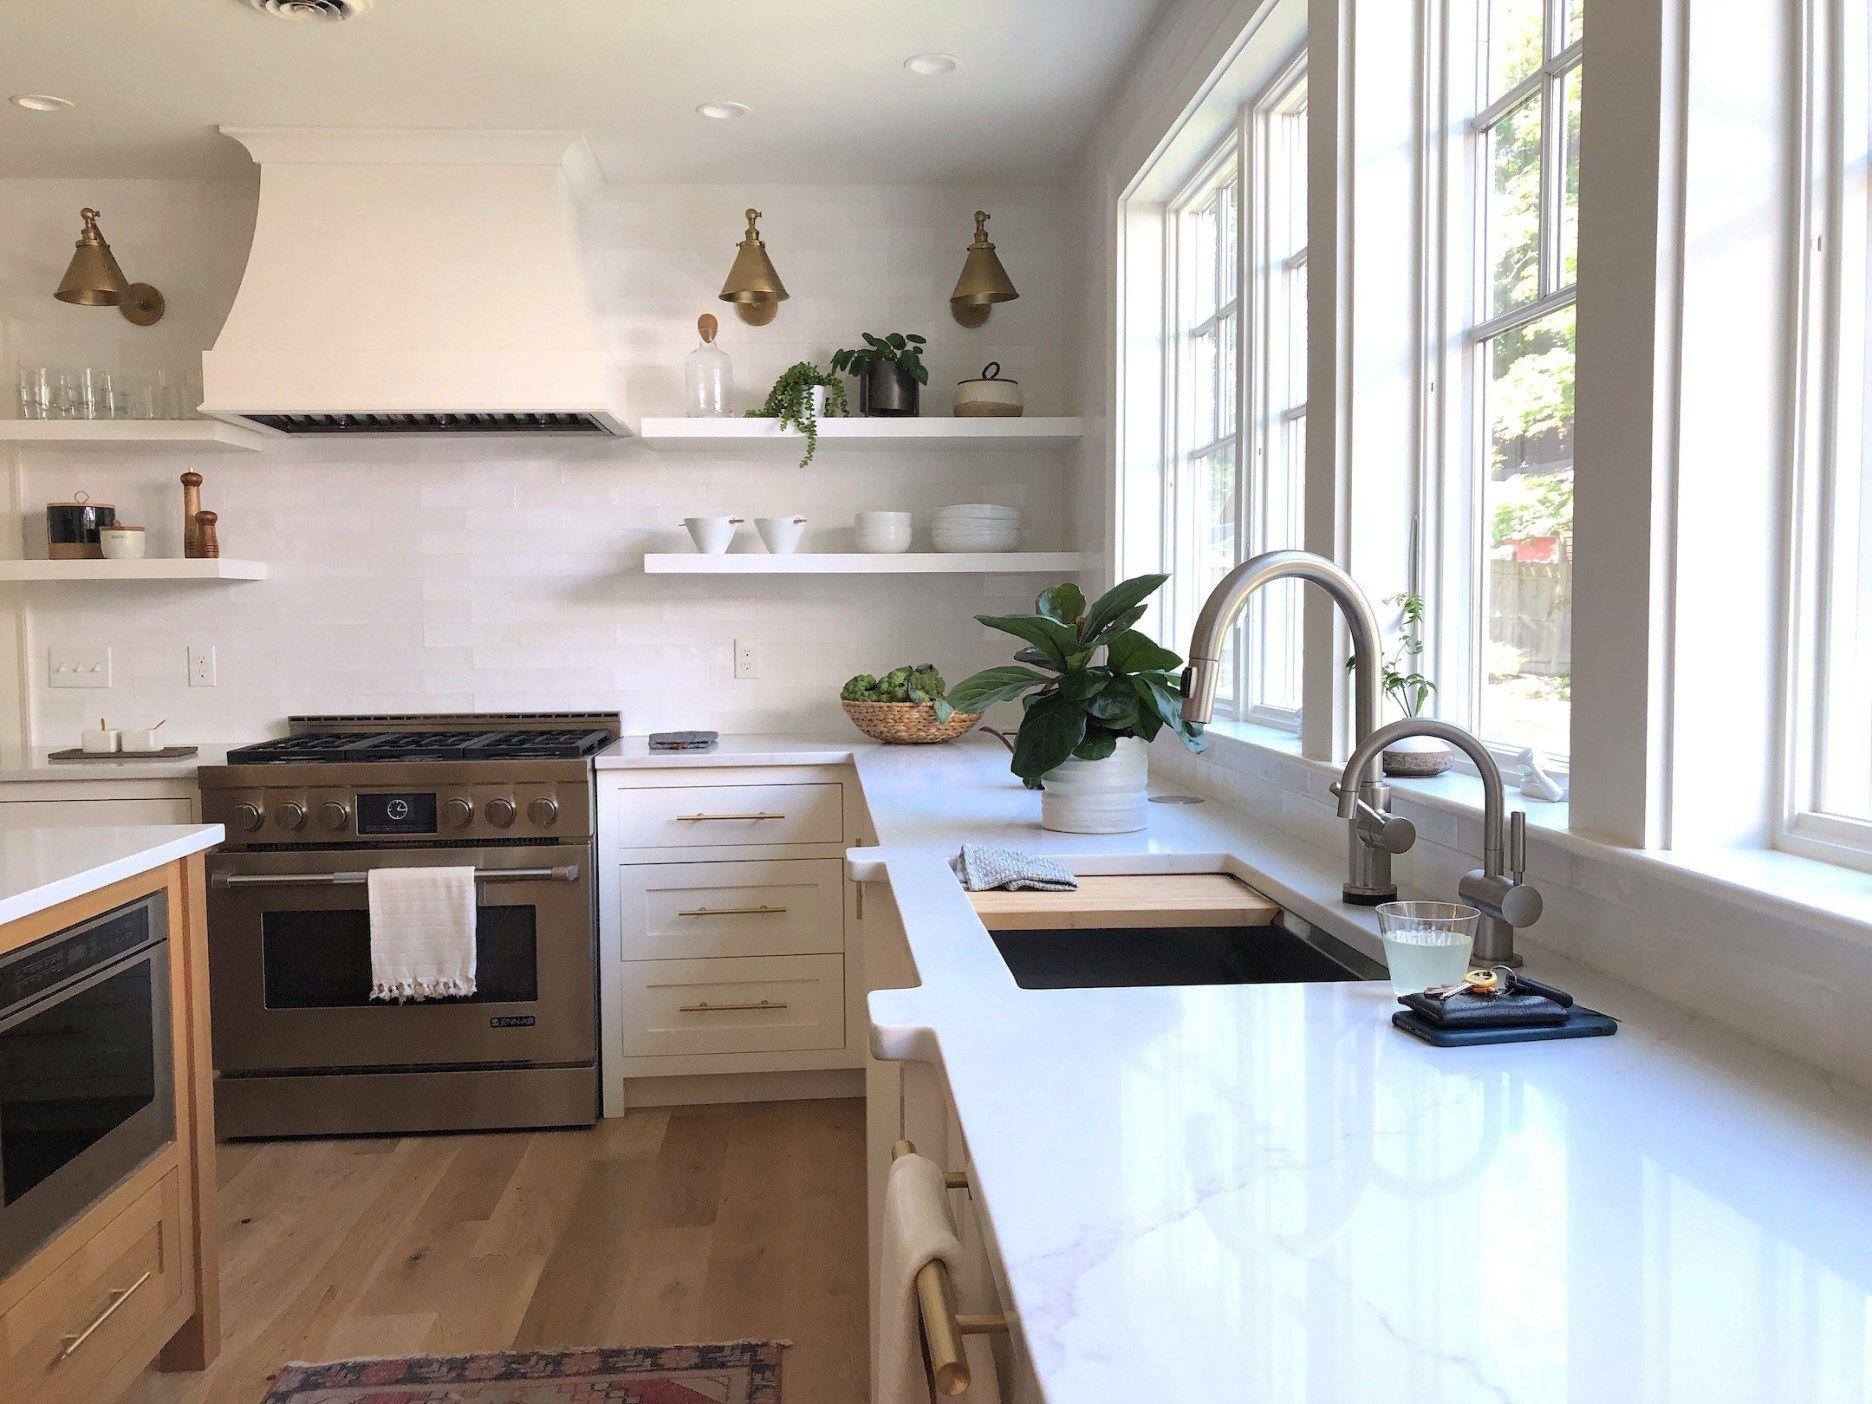 Mid-Size Stylish Kitchens - Newburyport Kitchen Tour Pt. 2 - Linda Merrill | Stylish Kitchen, Kitchen Cabinet Design, Cabinet Design